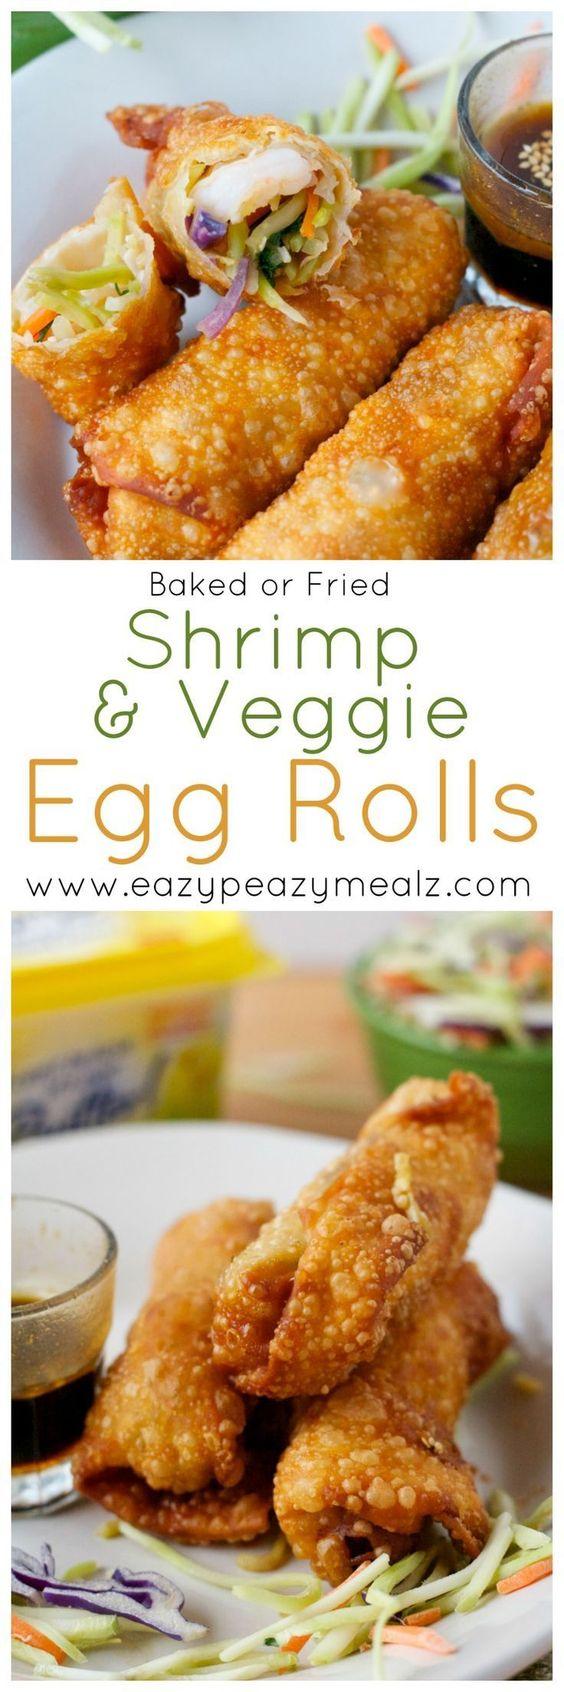 Baked or Fried Shrimp and Veggie Egg Rolls Recipe